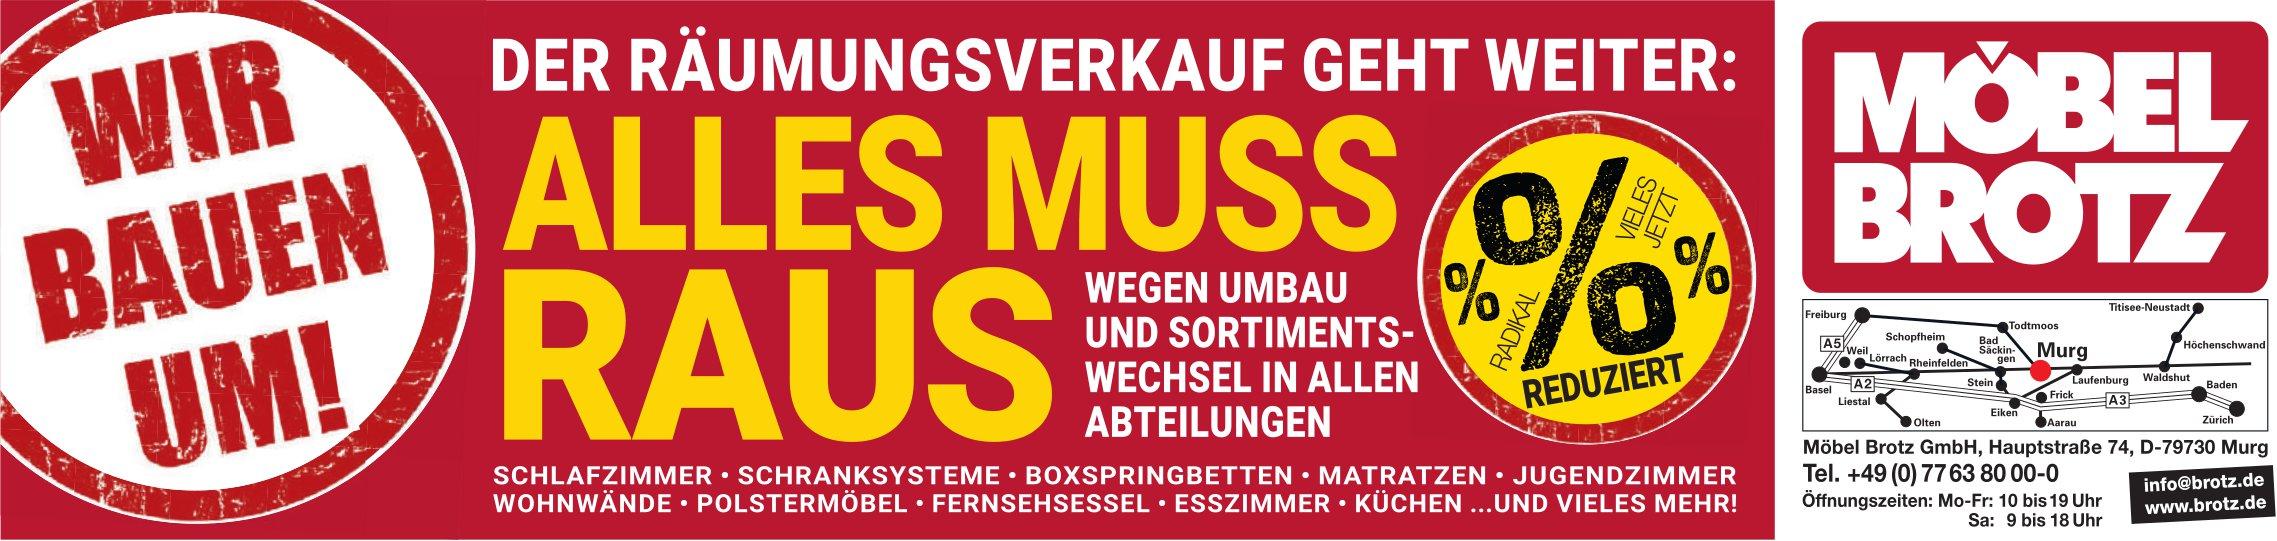 Möbel Brotz GmbH, Murg - Wir bauen um! Alles muss raus